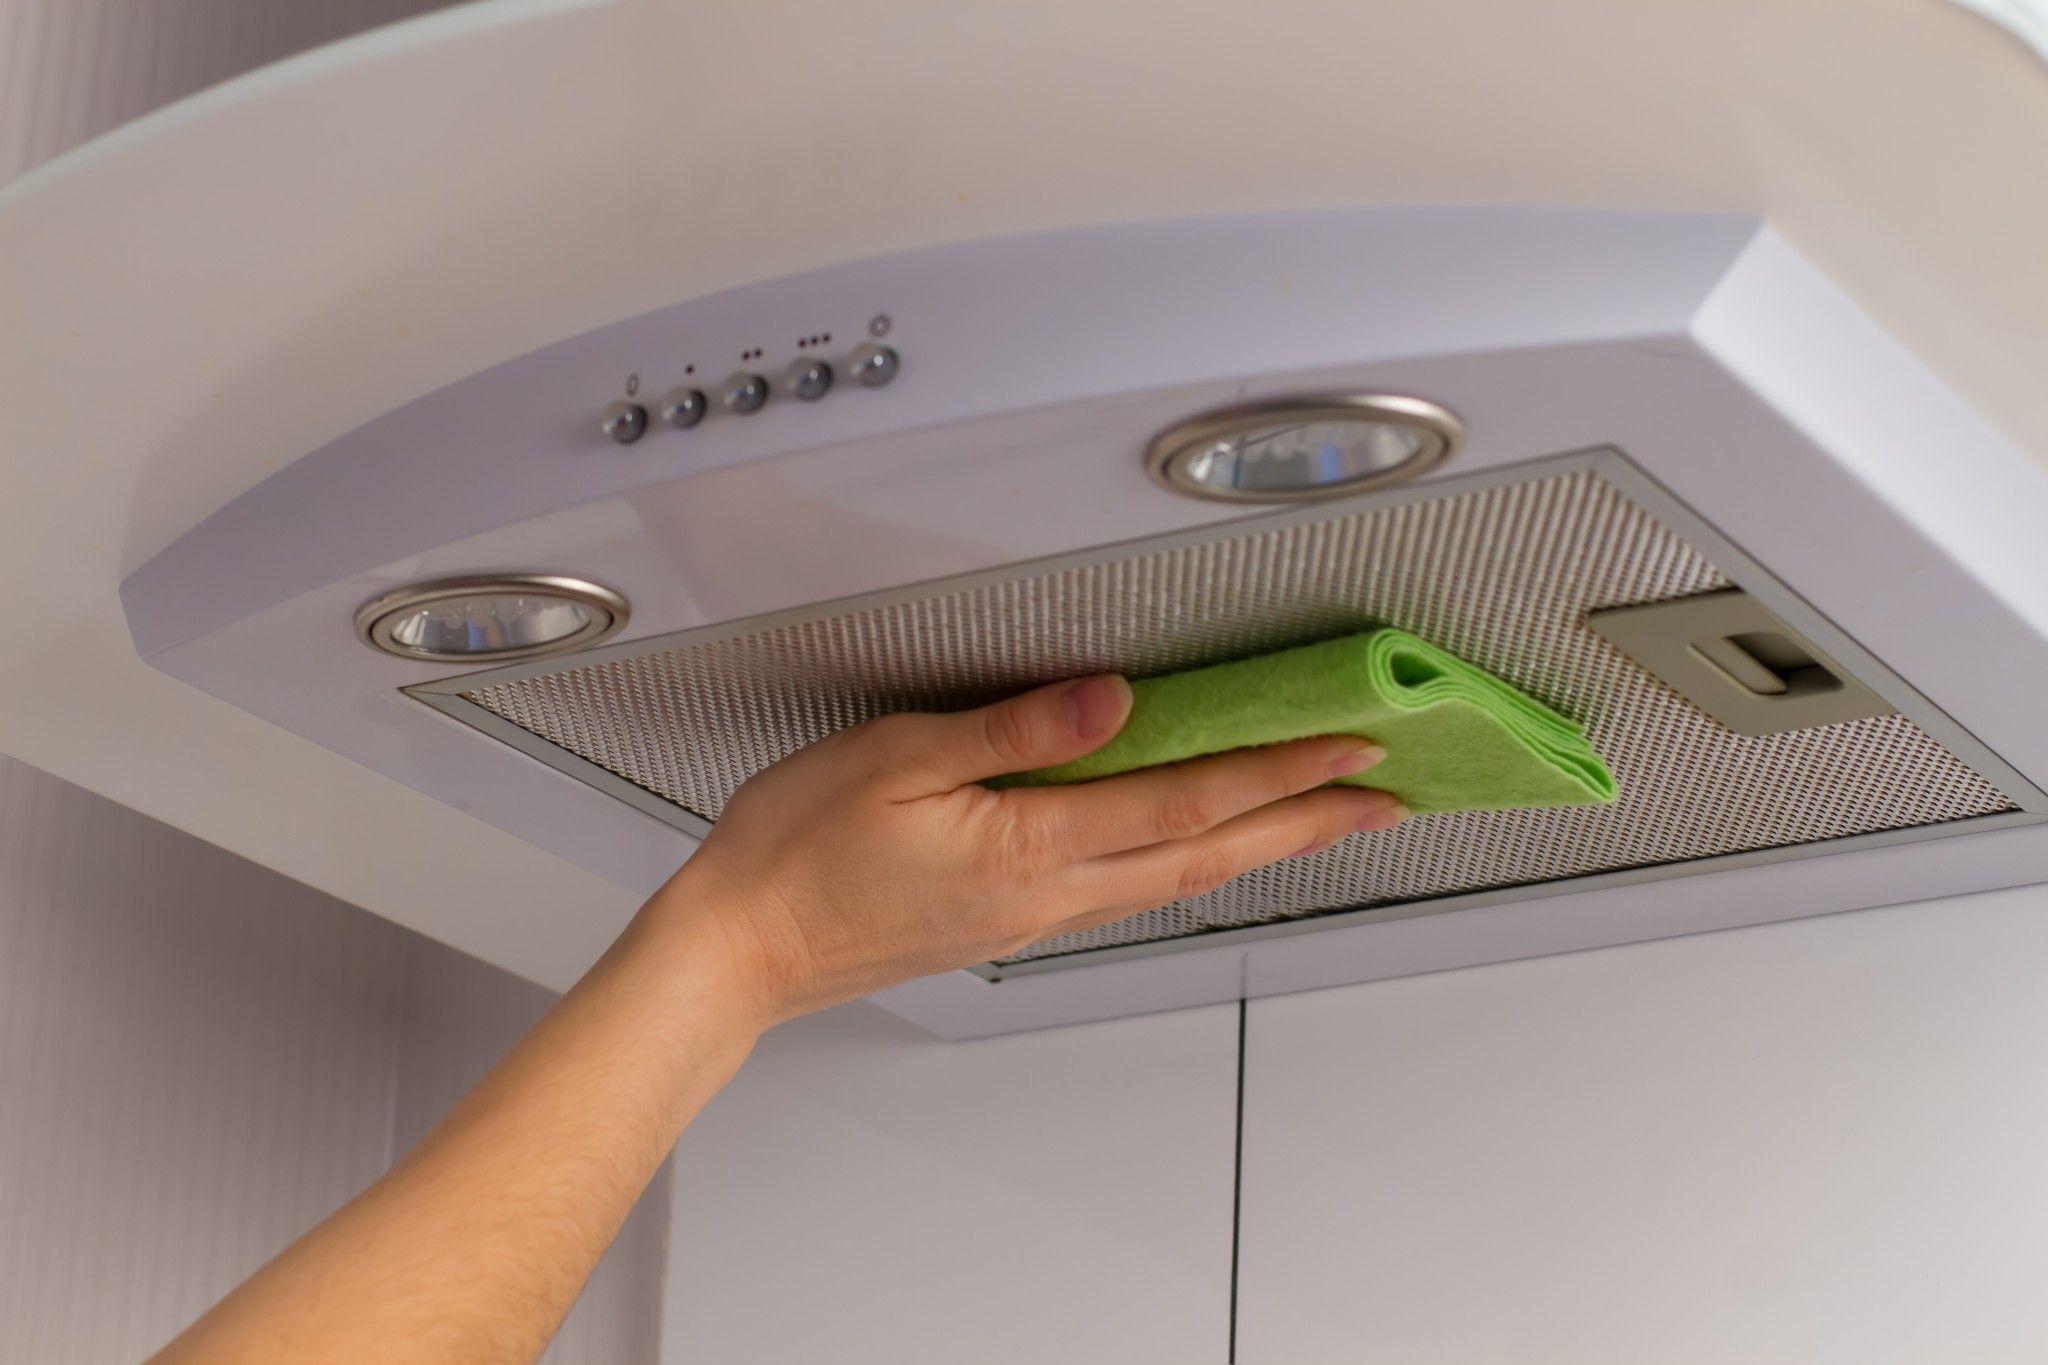 Как почистить фильтр вытяжки в домашних условиях